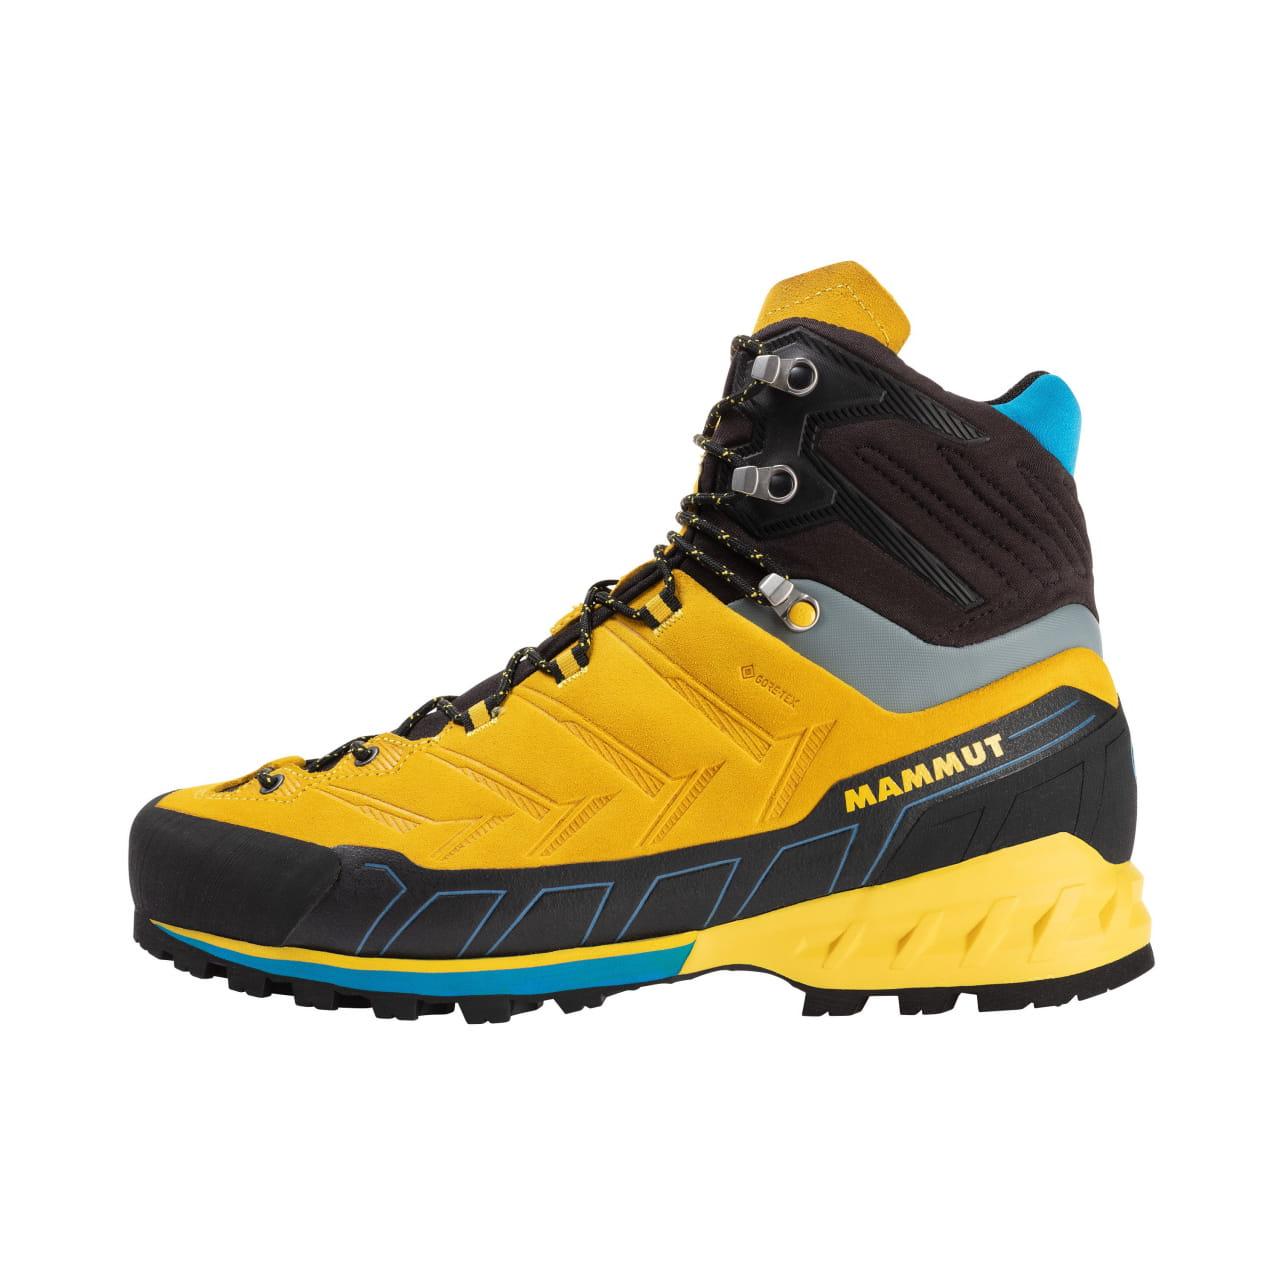 Stabilní obuv pro horskou turistiku a via ferraty Mammut Kento Tour High GTX Men